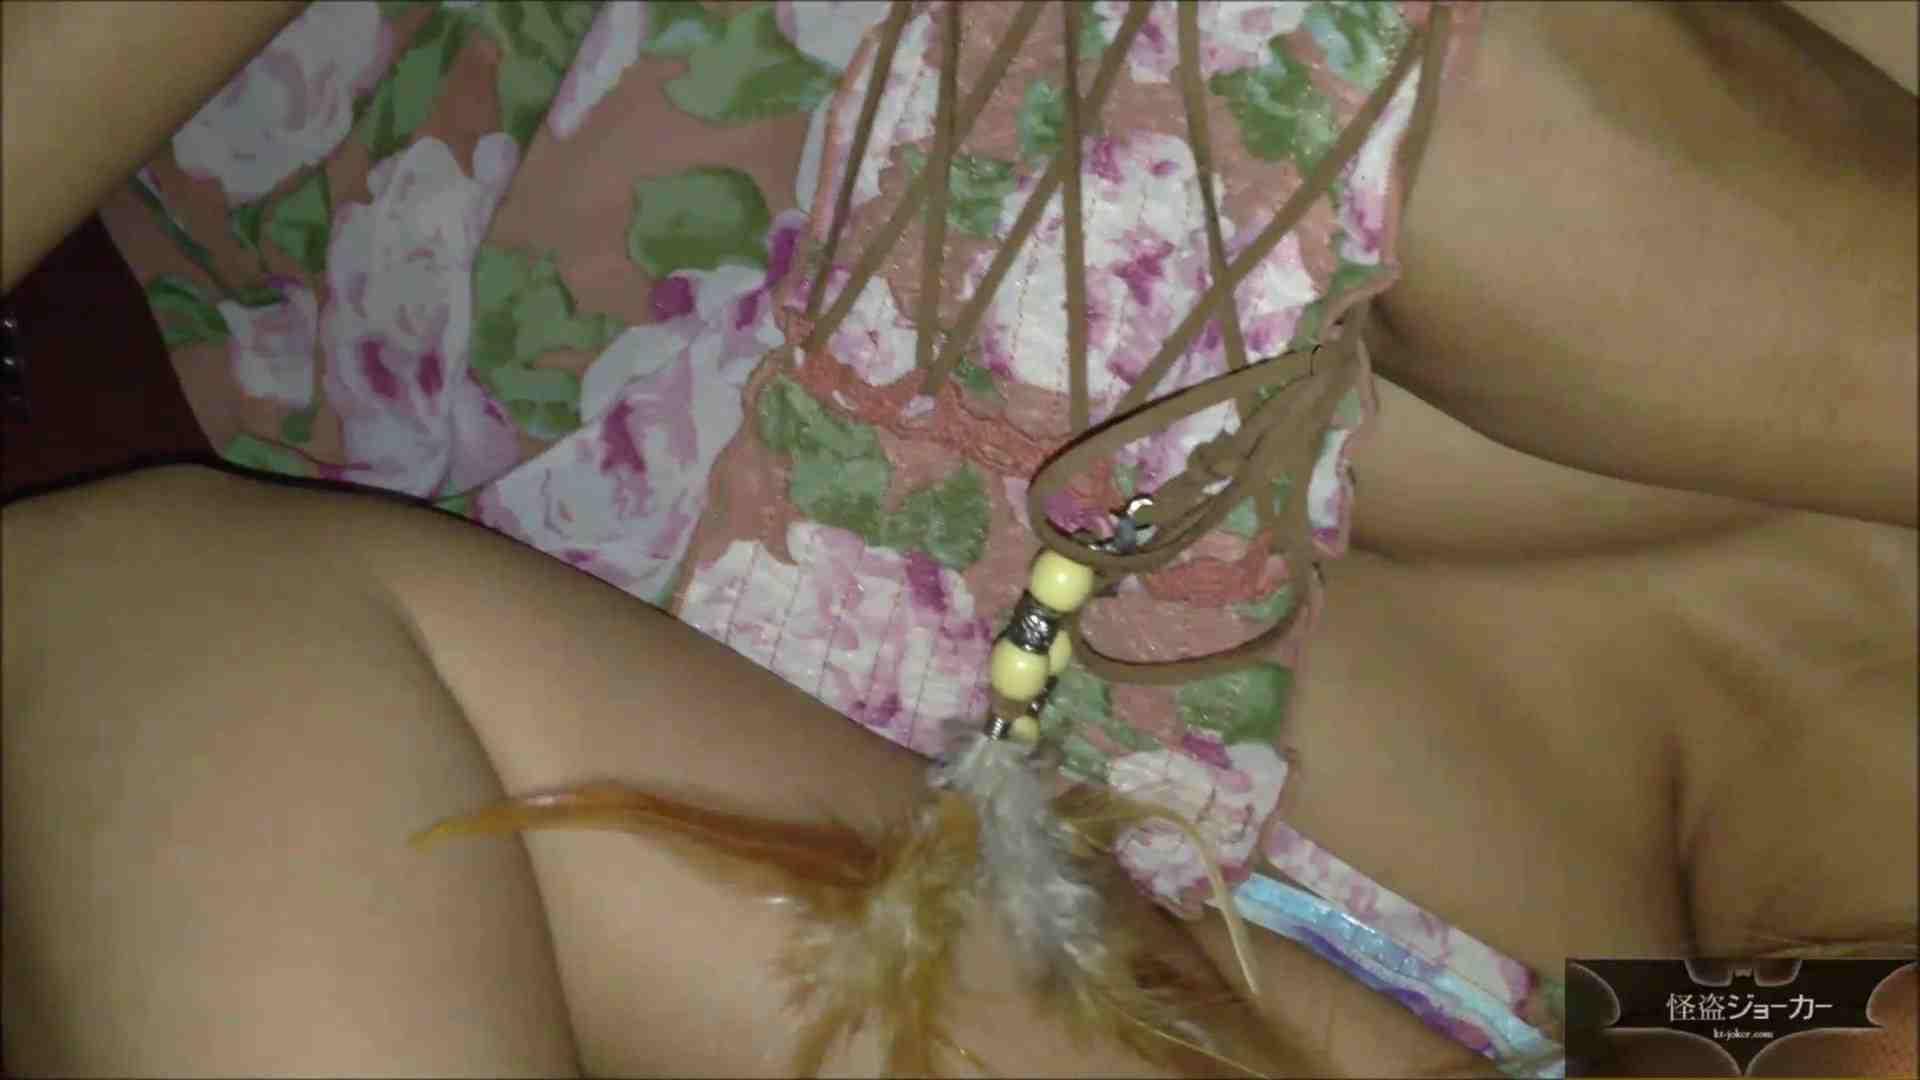 【未公開】vol.68{BLENDA系美女}UAちゃん_甘い香りと生臭い香り いやらしいOL AV無料 82連発 50